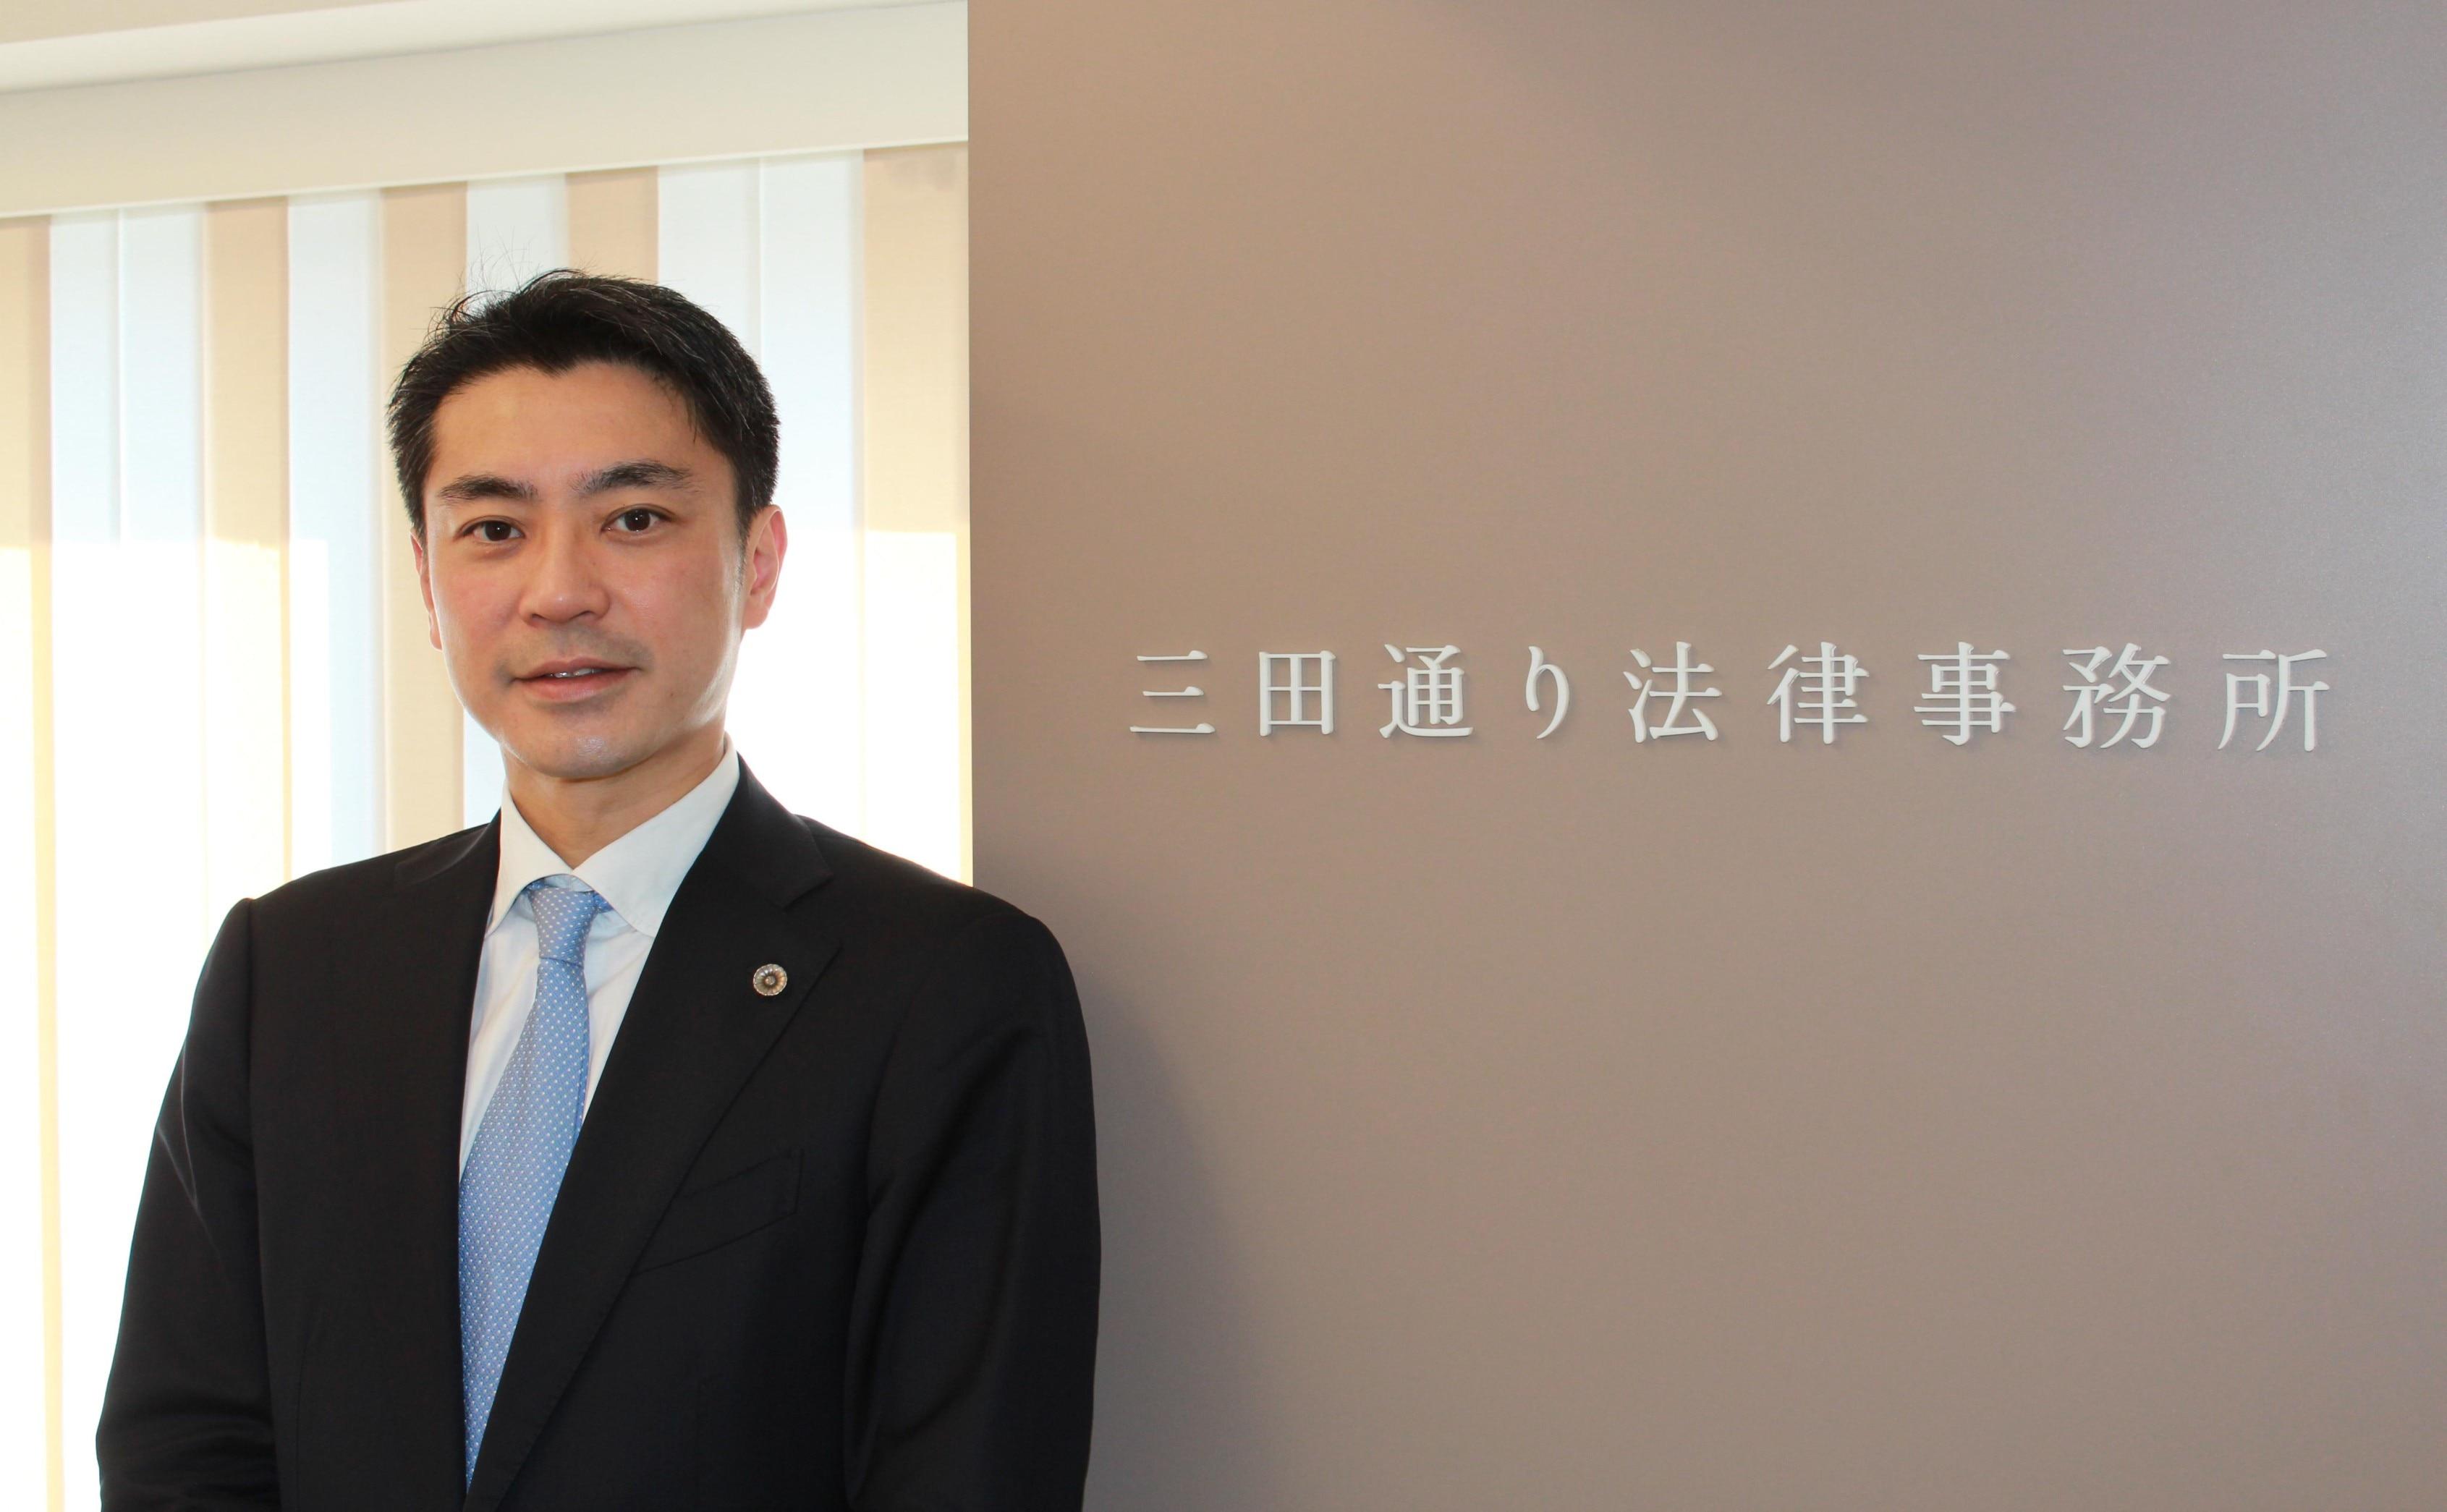 三田通り法律事務所